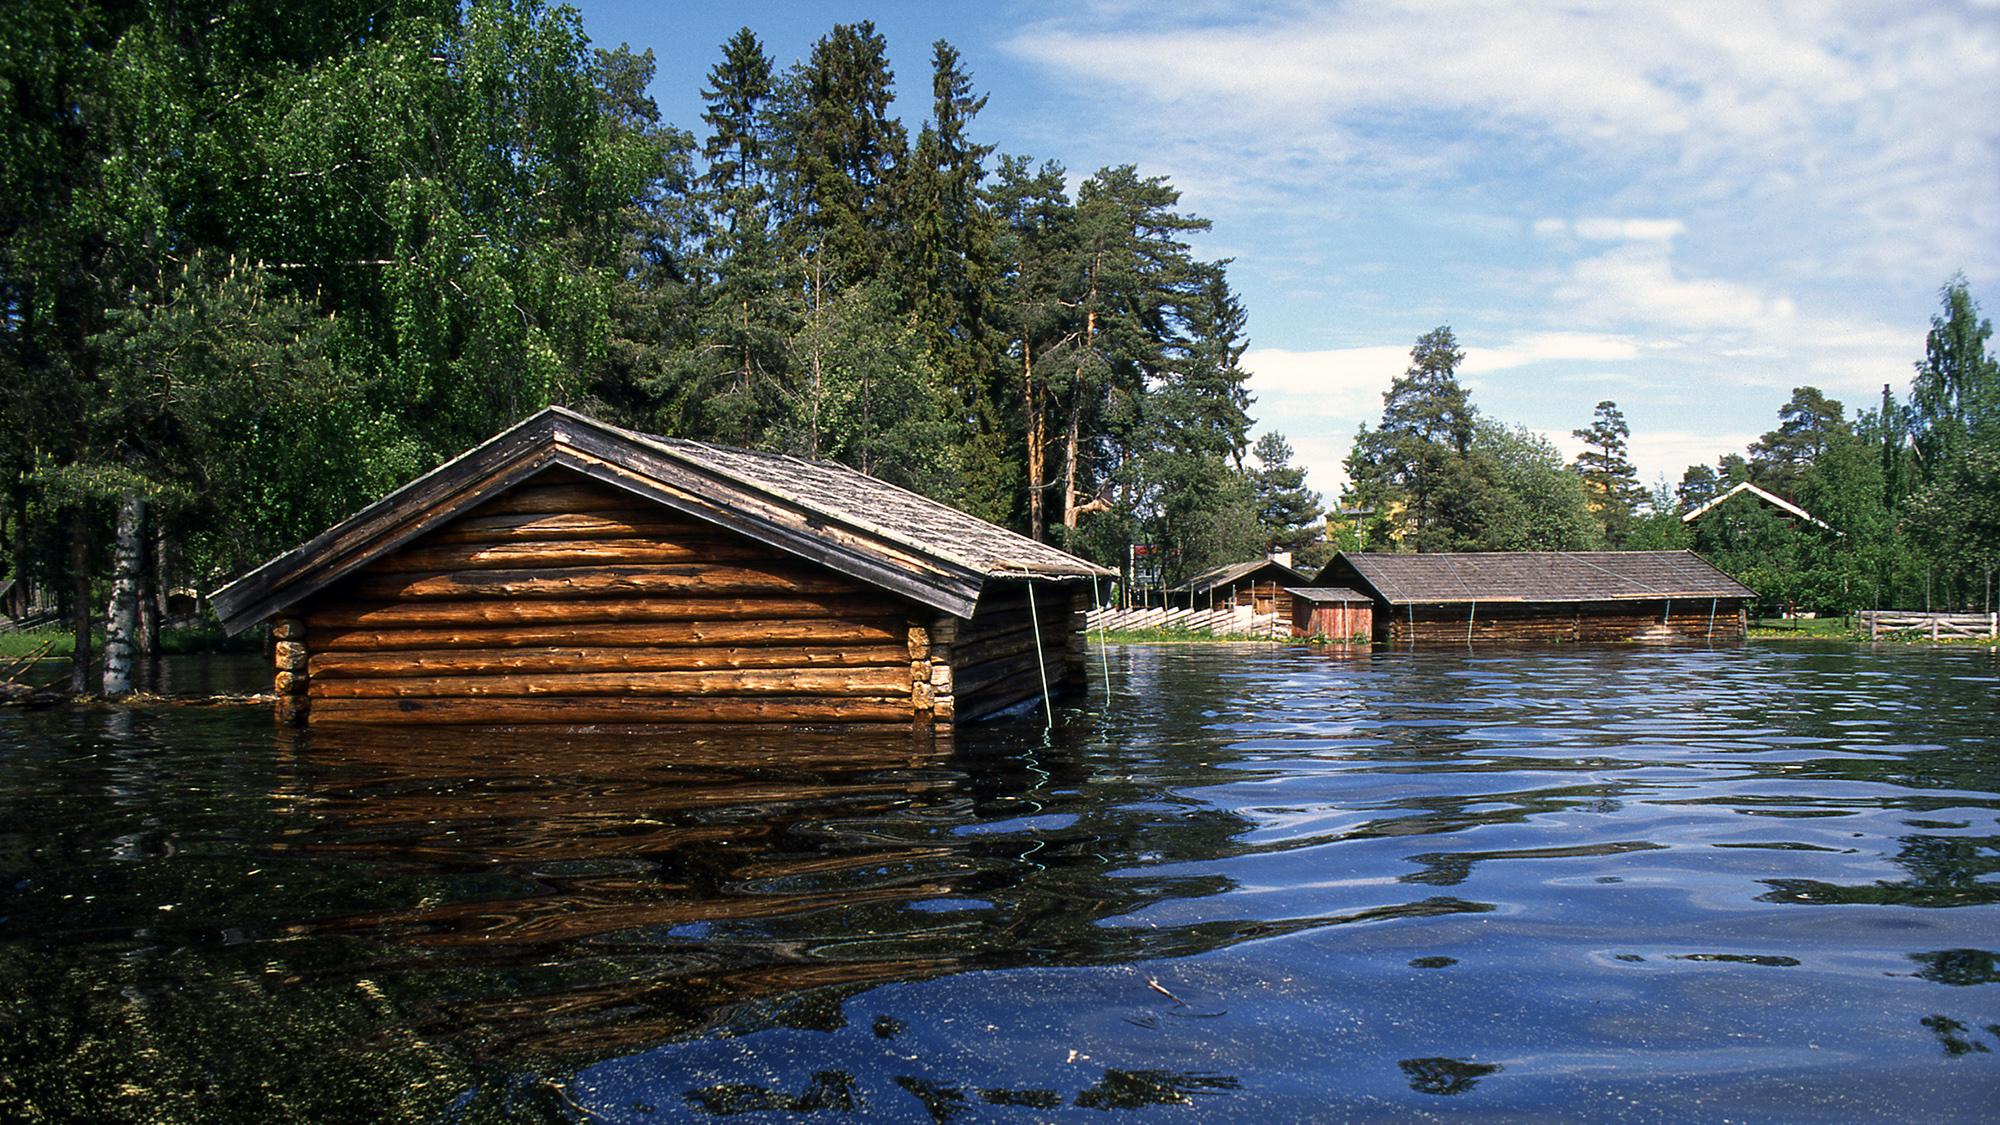 Bilde av bygninger knyttet til Hedmarksmuseet på Hamar etter flommen i Mjøsa i 1995. Foto: Jan Haug, Domkirkeoddens fotoarkiv